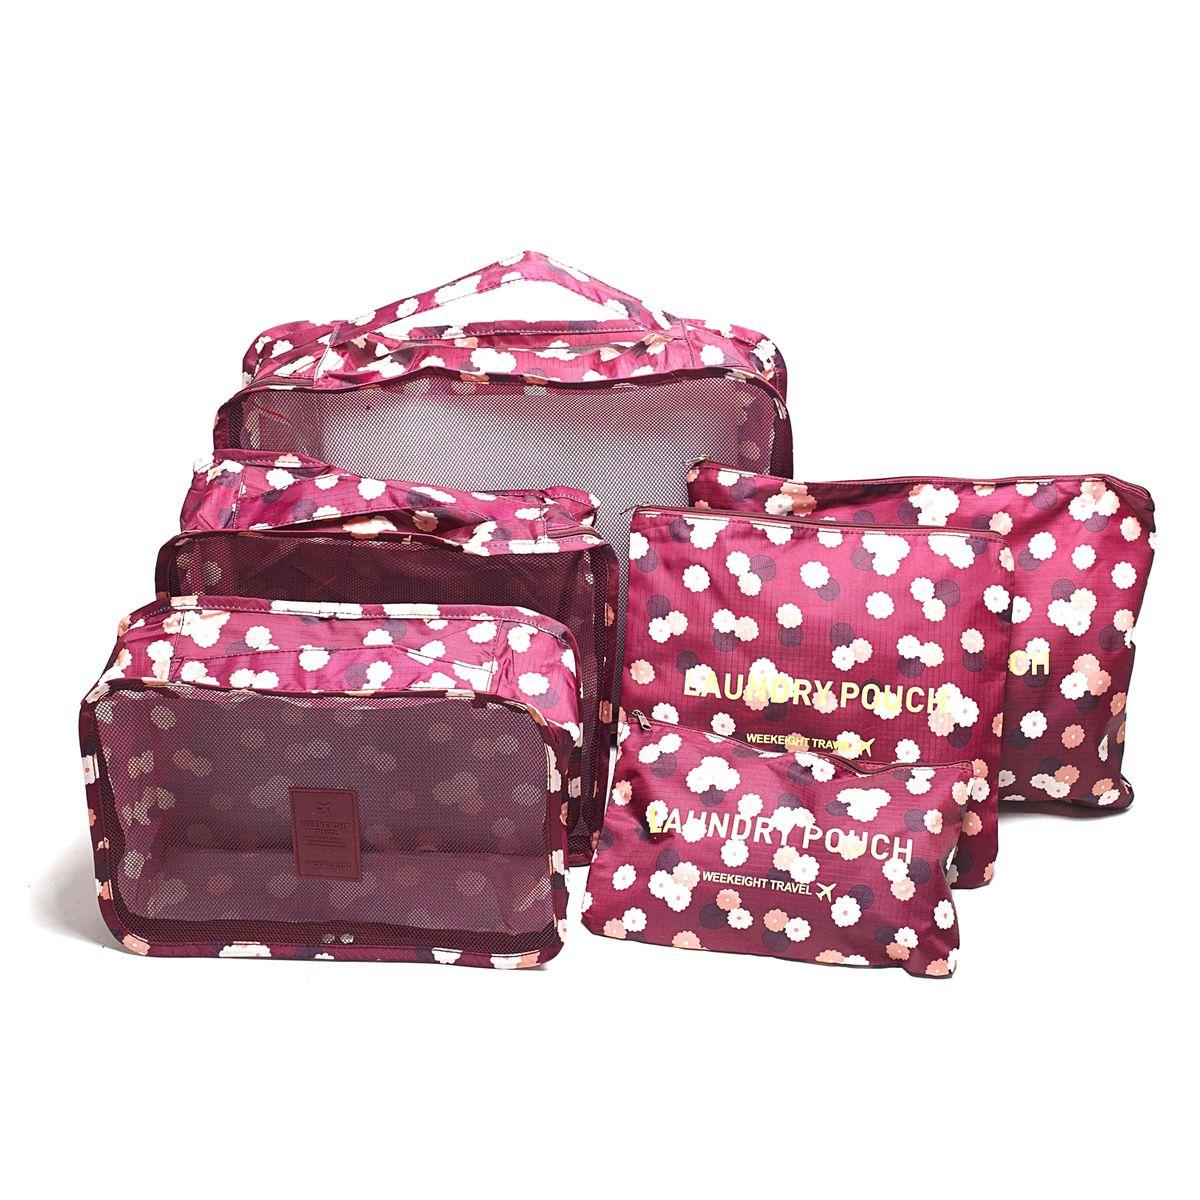 Набор органайзеров для багажа Homsu Цветок, цвет: бордовый, розовый, белый, 6 предметовHOM-348Набор органайзеров для багажа Homsu Цветок выполнен из полиэстера и оснащен молниями. В комплекте собраны органайзеры для бюстгальтеров, нижнего белья, носков, одежды, косметики. Вы сможете распределить все вещи, которые возьмете с собой таким образом, чтобы всегда иметь быстрый доступ к ним. Органайзеры надежно защитят от пыли, грязи, влажности или механических повреждений. Размеры органайзеров: 40 x 30 x 12 см; 30 x 28 x 13 см; 30 x 21 x 13 см; 35 x 27 см; 27 x 25 см; 26 x 16 см.